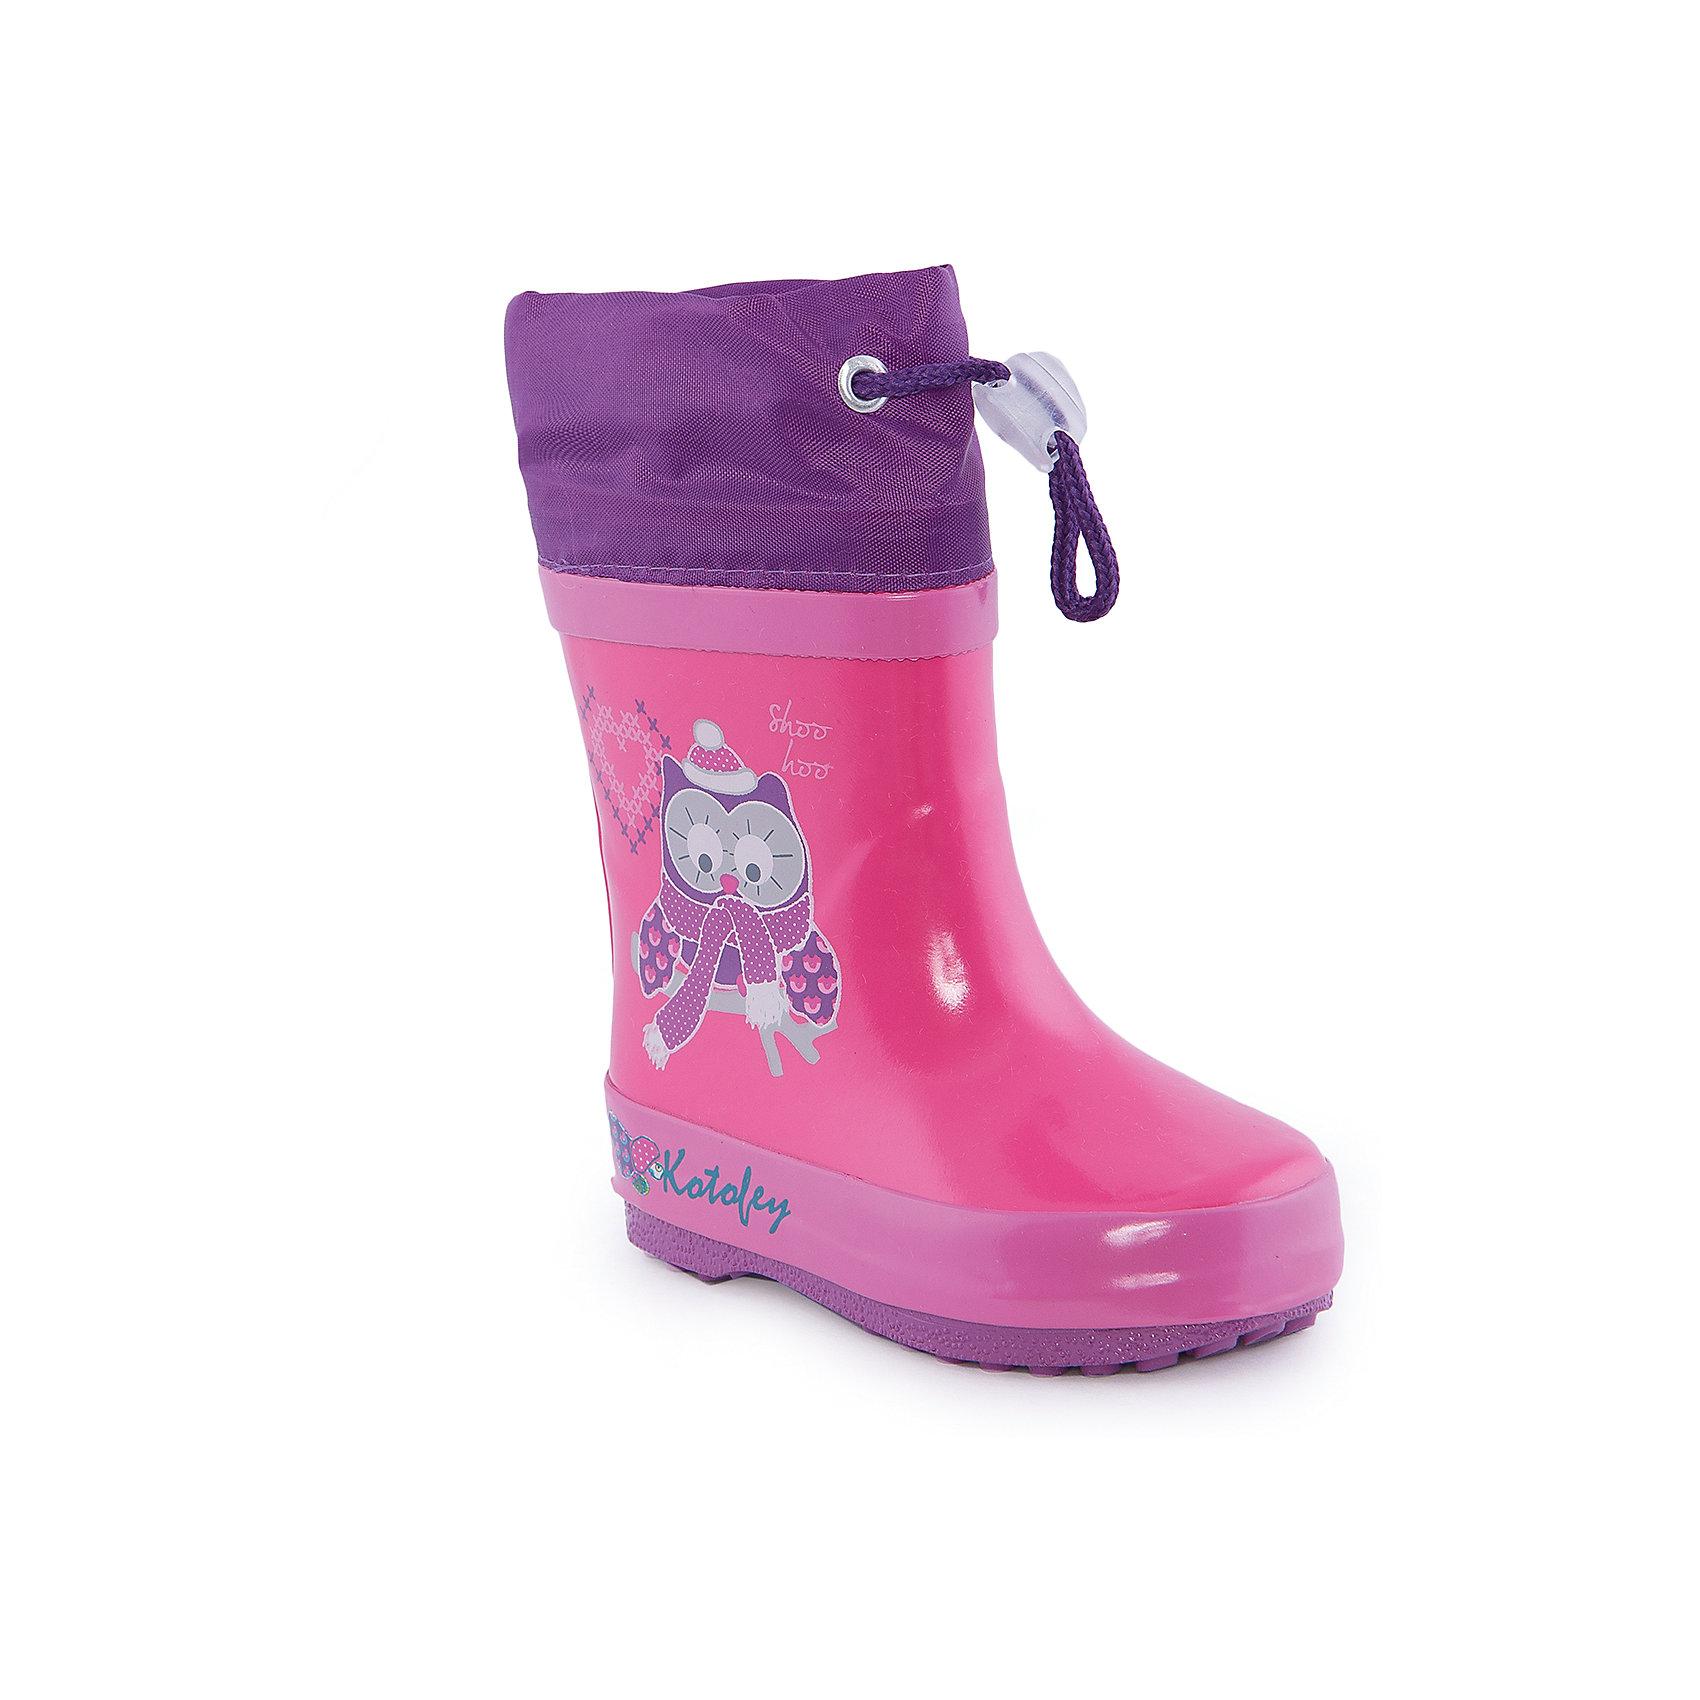 Резиновые сапожки для девочки КотофейСапожки для девочки от известного российского бренда Котофей <br><br>Яркие модные сапоги сделаны из качественной резины. Они позволят защитить ноги ребенка от сырости.<br>Высокое голенище с утяжкой защитит одежду от грязи и влаги.<br><br>Отличительные особенности модели:<br><br>- цвет: розовый;<br>- удобная колодка;<br>- утяжка со стоппером на голенище;<br>- качественные материалы;<br>- толстая устойчивая подошва;<br>- текстильная подкладка;<br>- декорированы принтом.<br><br>Дополнительная информация:<br><br>Температурный режим: от +5° С до +25° С.<br><br>Состав:<br>верх - резина;<br>подкладка - текстиль;<br>подошва - резина.<br><br>Сапожки для девочки Котофей можно купить в нашем магазине.<br><br>Ширина мм: 257<br>Глубина мм: 180<br>Высота мм: 130<br>Вес г: 420<br>Цвет: фуксия<br>Возраст от месяцев: 12<br>Возраст до месяцев: 15<br>Пол: Женский<br>Возраст: Детский<br>Размер: 21,22,23,20<br>SKU: 4565803